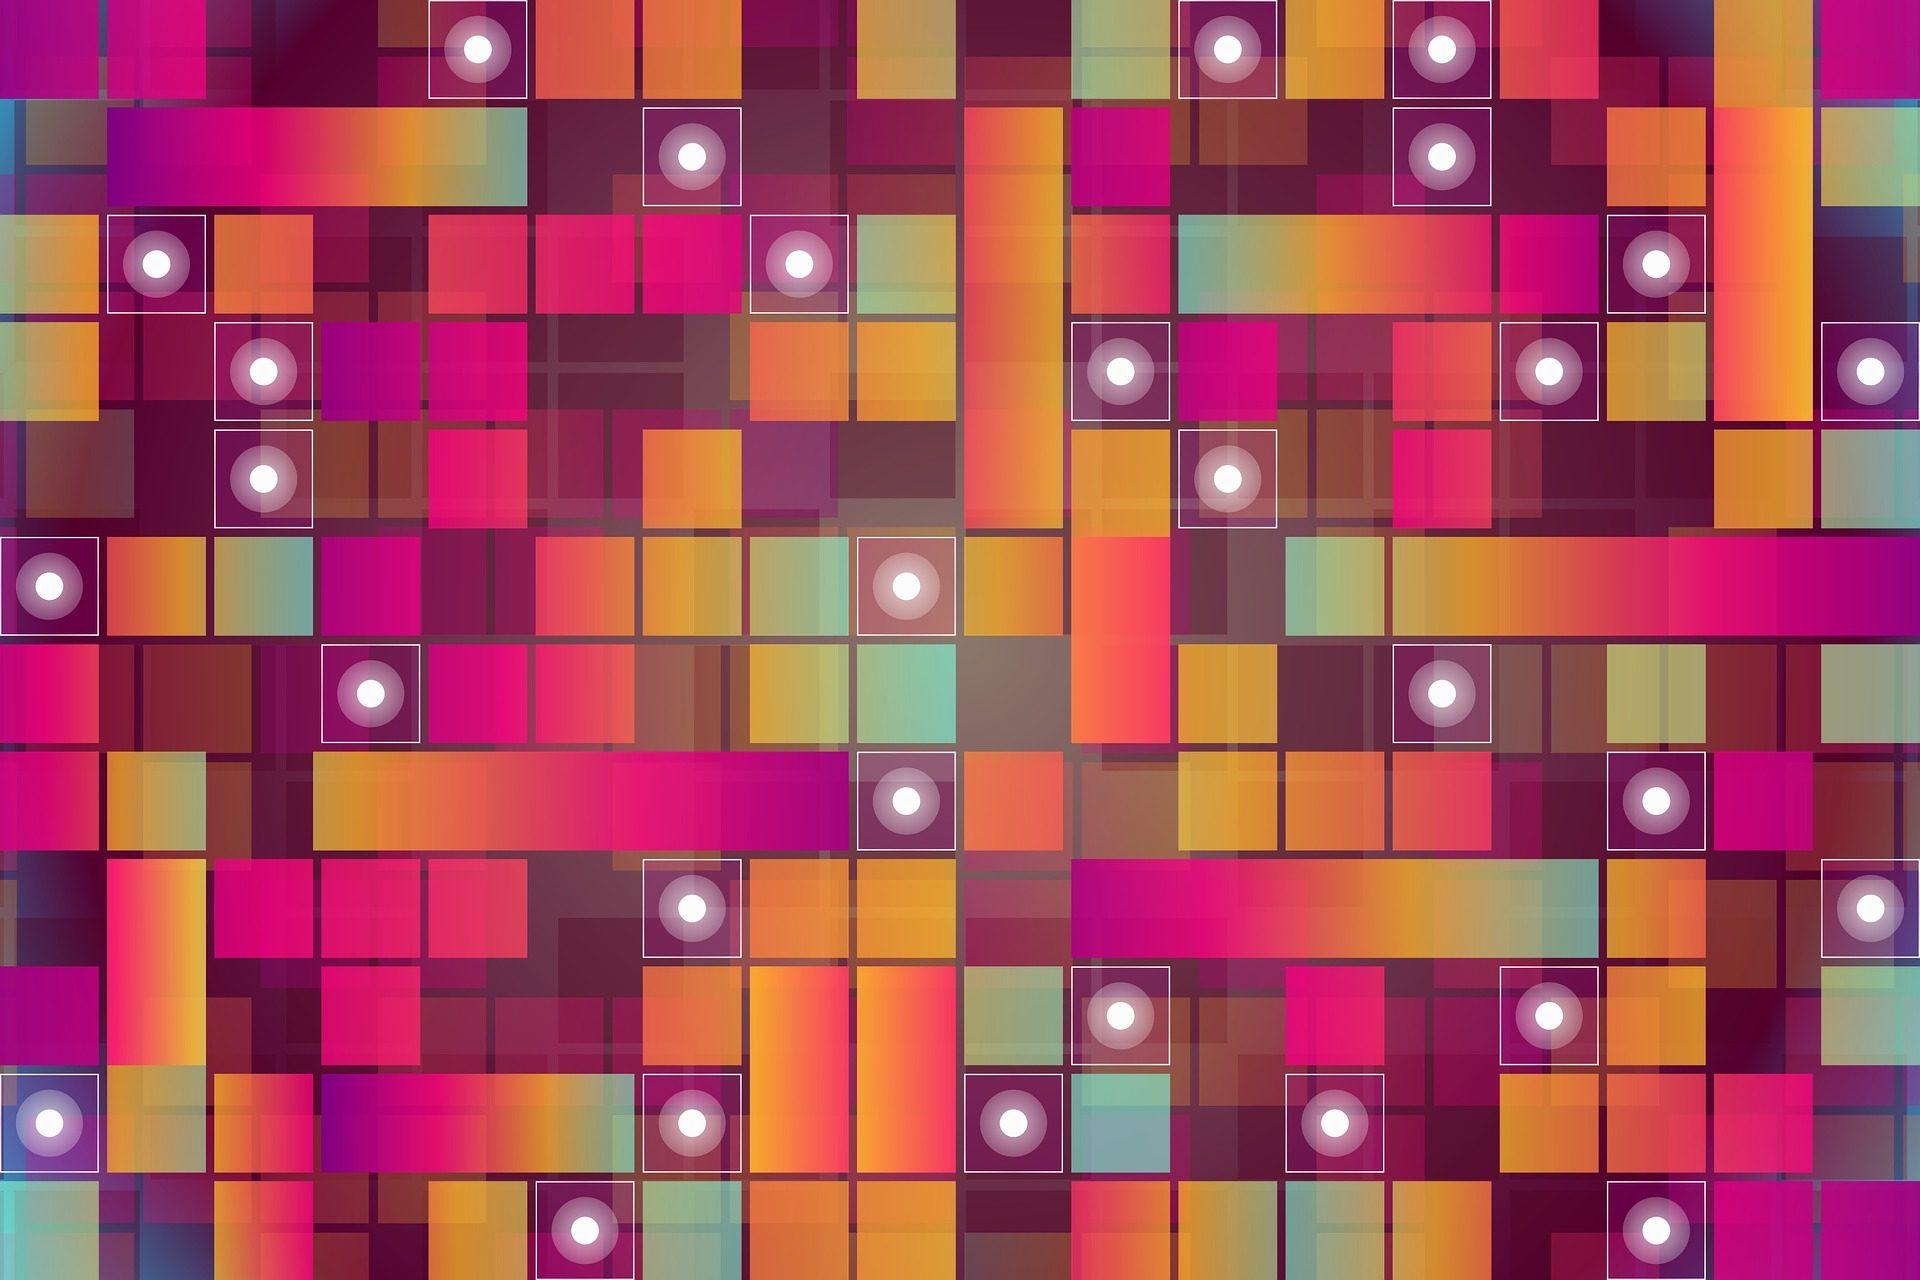 Praça, pontos, círculos, Formas, Rosa - Papéis de parede HD - Professor-falken.com